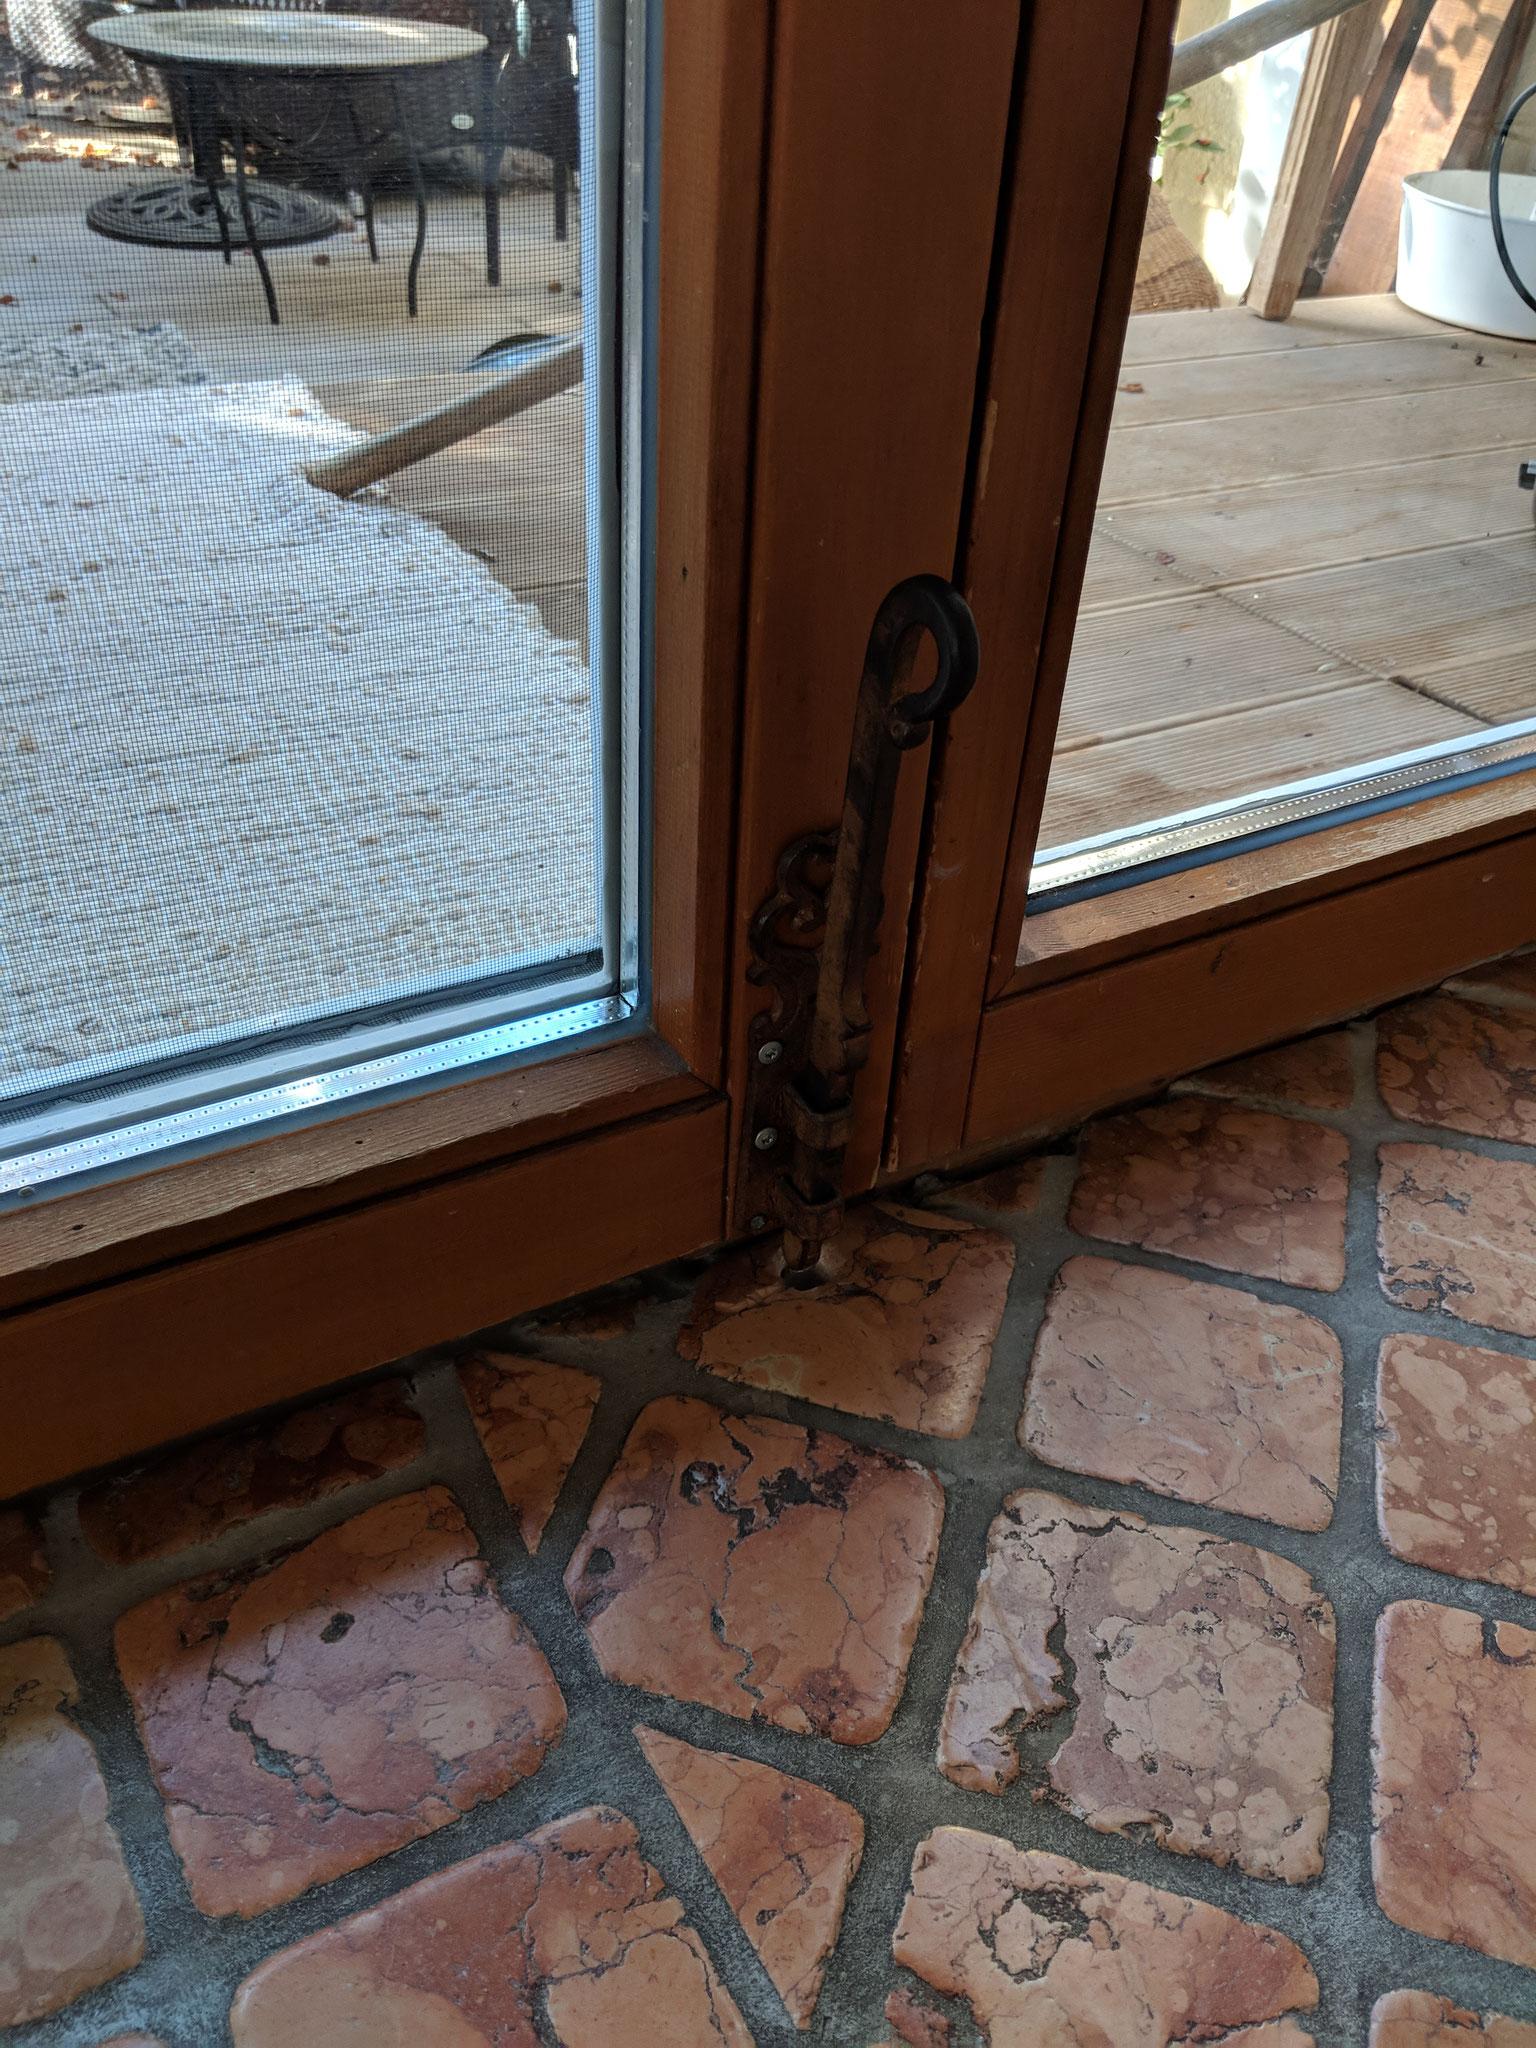 Fabulous 5 Tipps um die eigenen Fenster und Türen einbruchsicher zu machen EK96